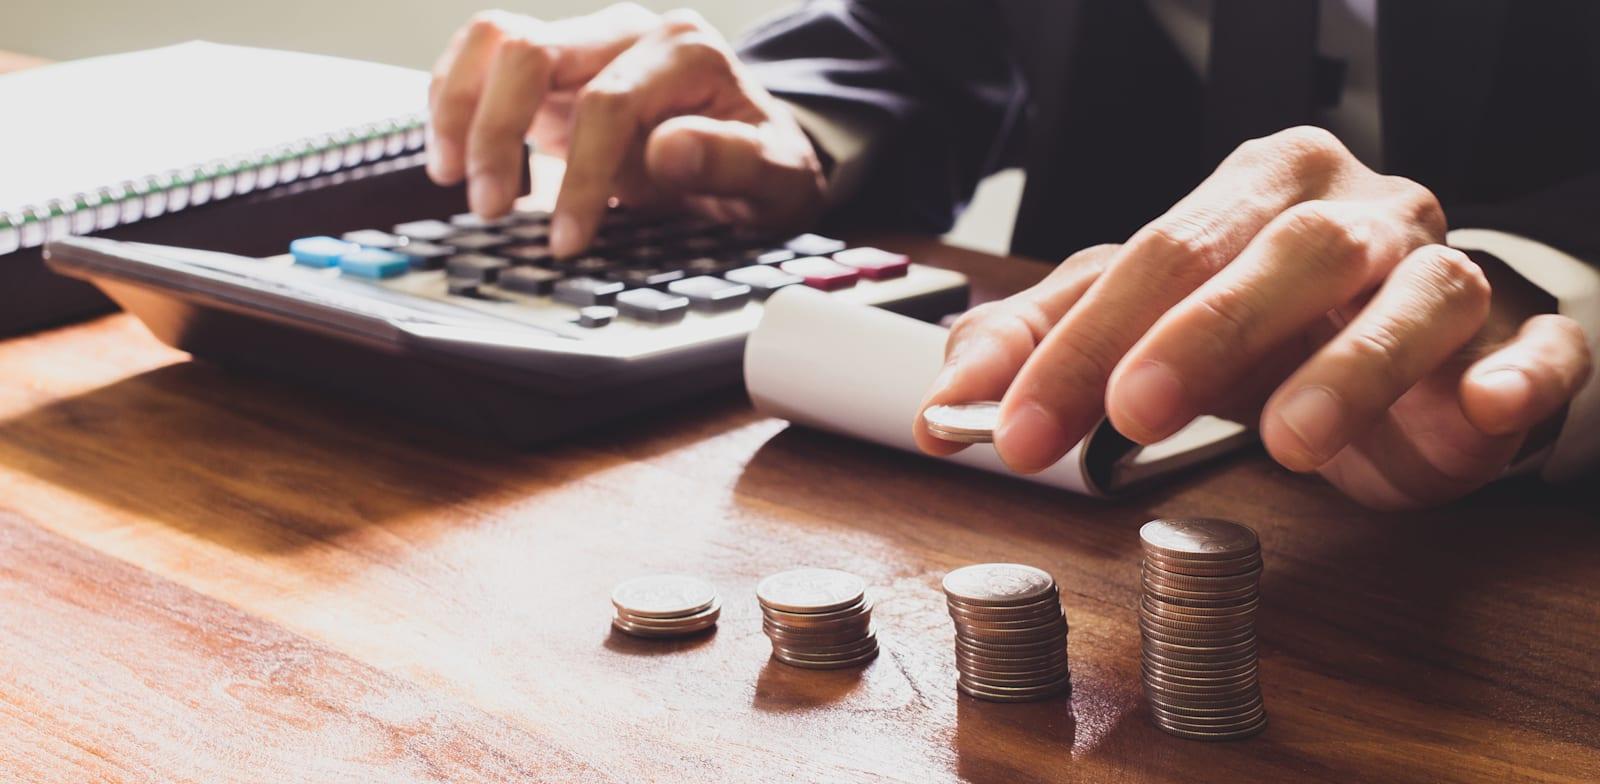 מה עדיף - שכר גבוה או תפקיד טוב? / צילום: Shutterstock, Akira Kaelyn